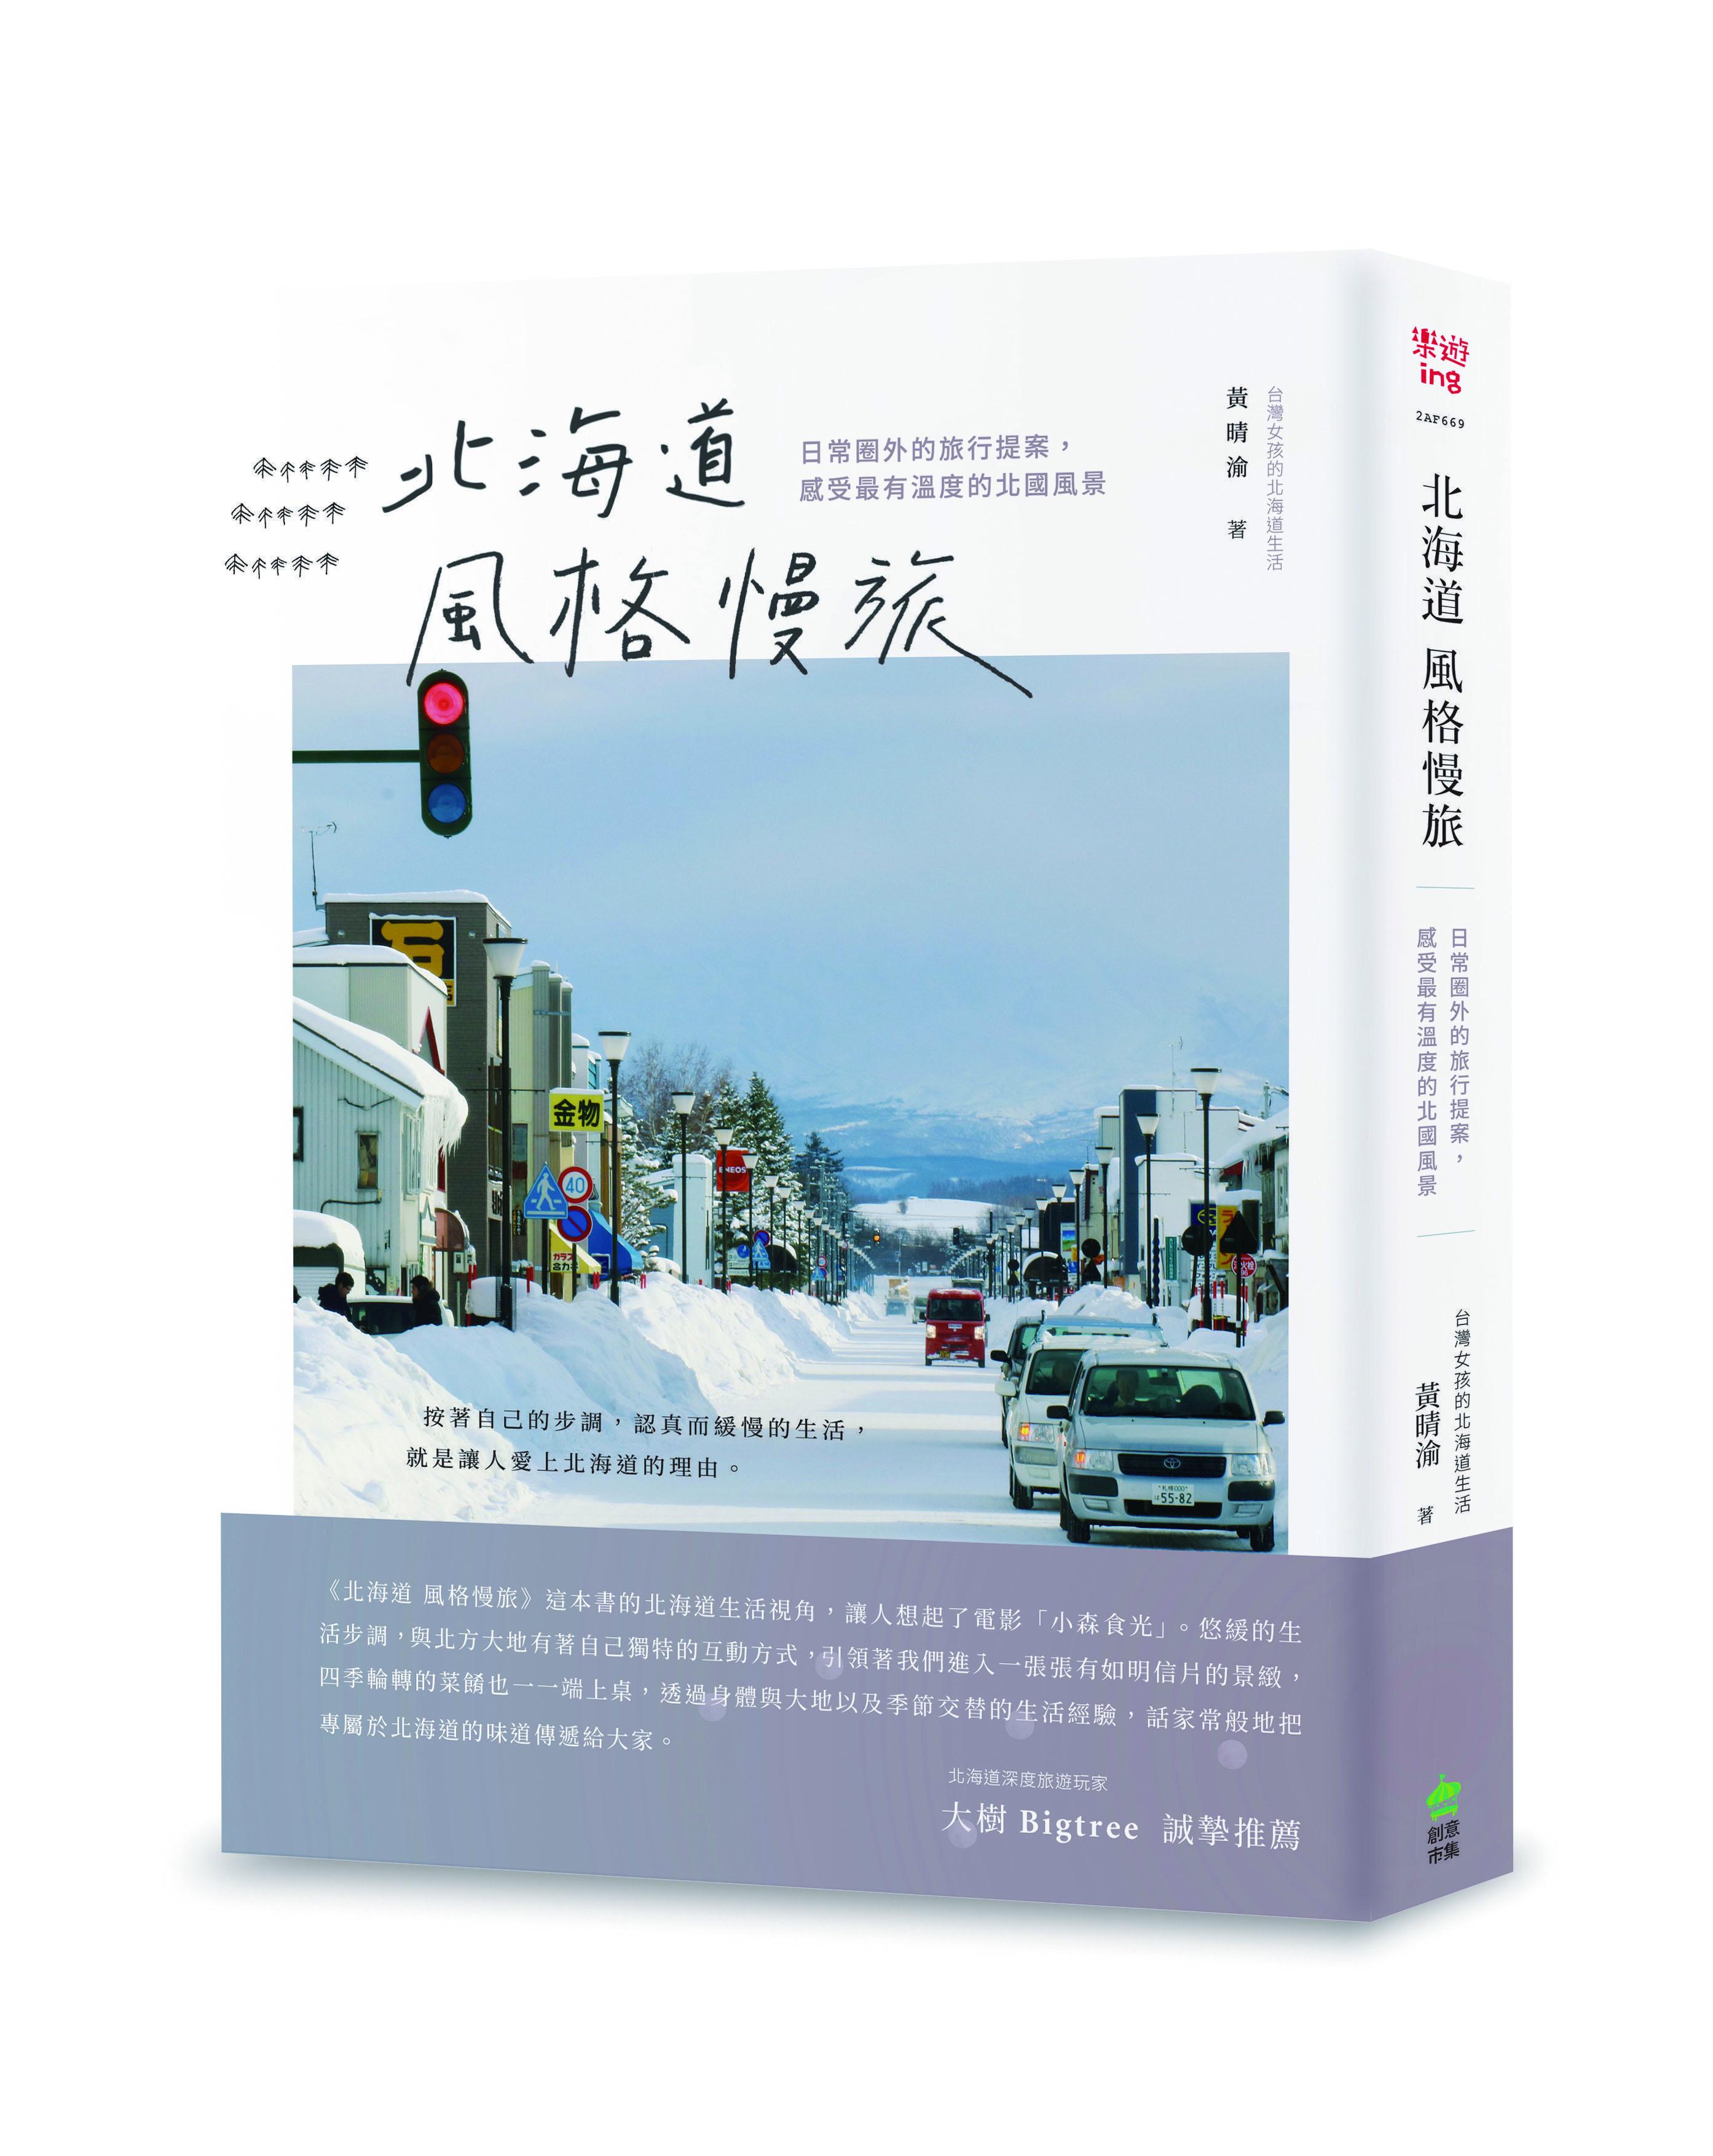 弊社社員が書籍「北海道風格慢旅」を出版しました。